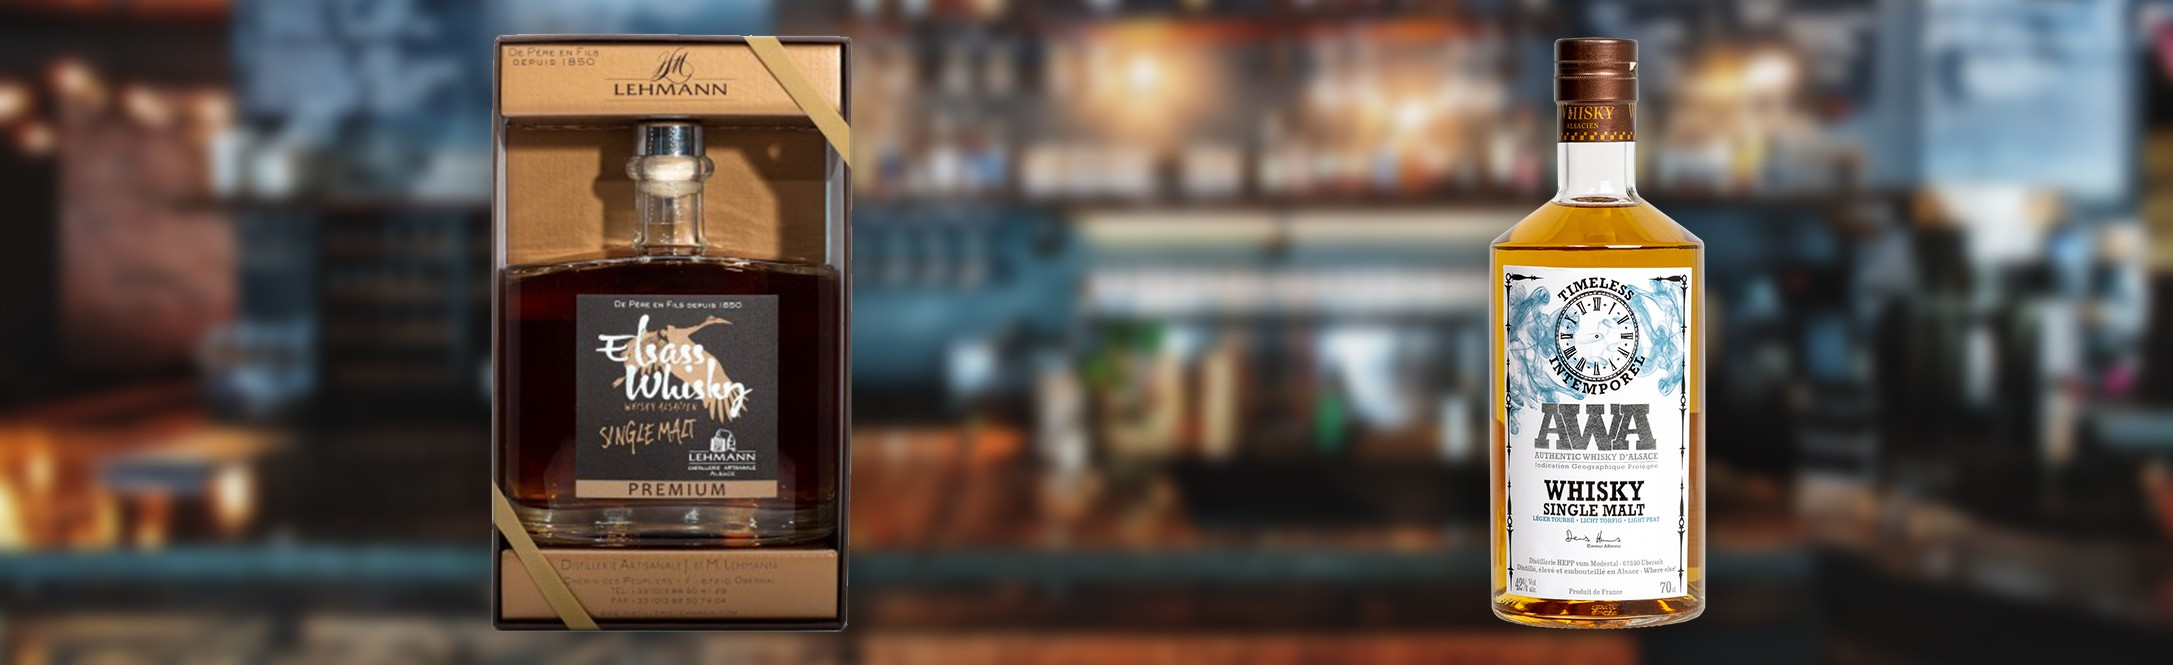 Alsace Boutique - Whisky - Alsace